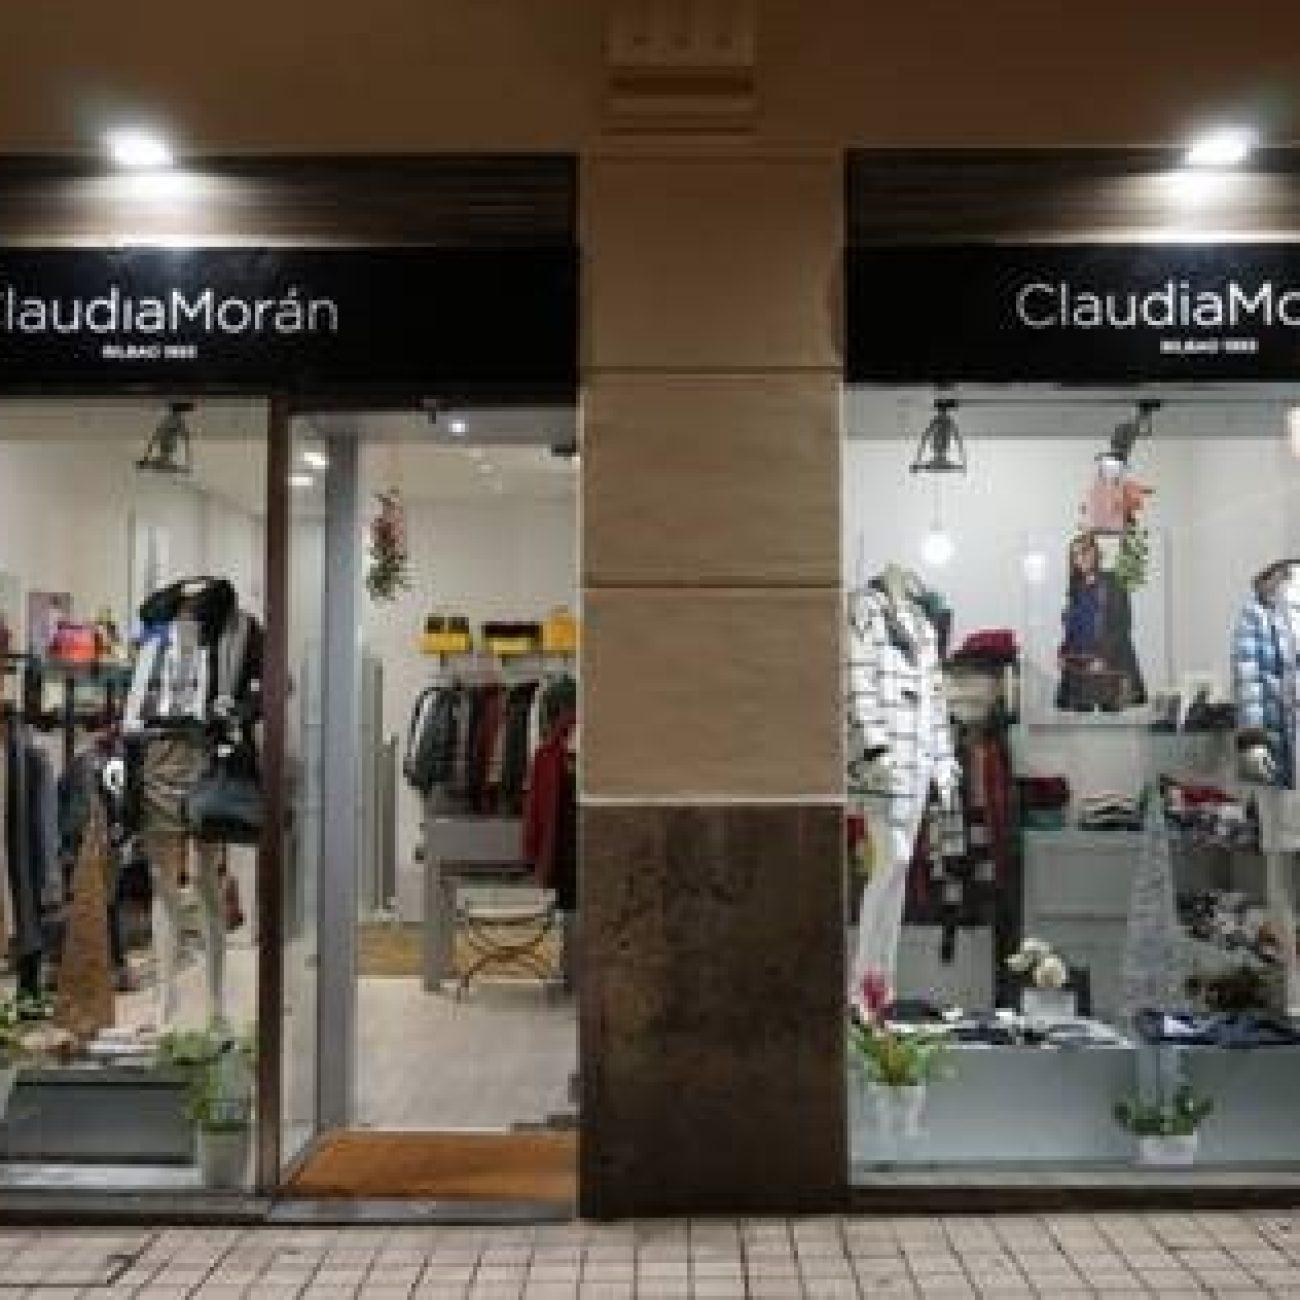 Claudia Moran Boutique, moda italiana a través de firmas exclusivas